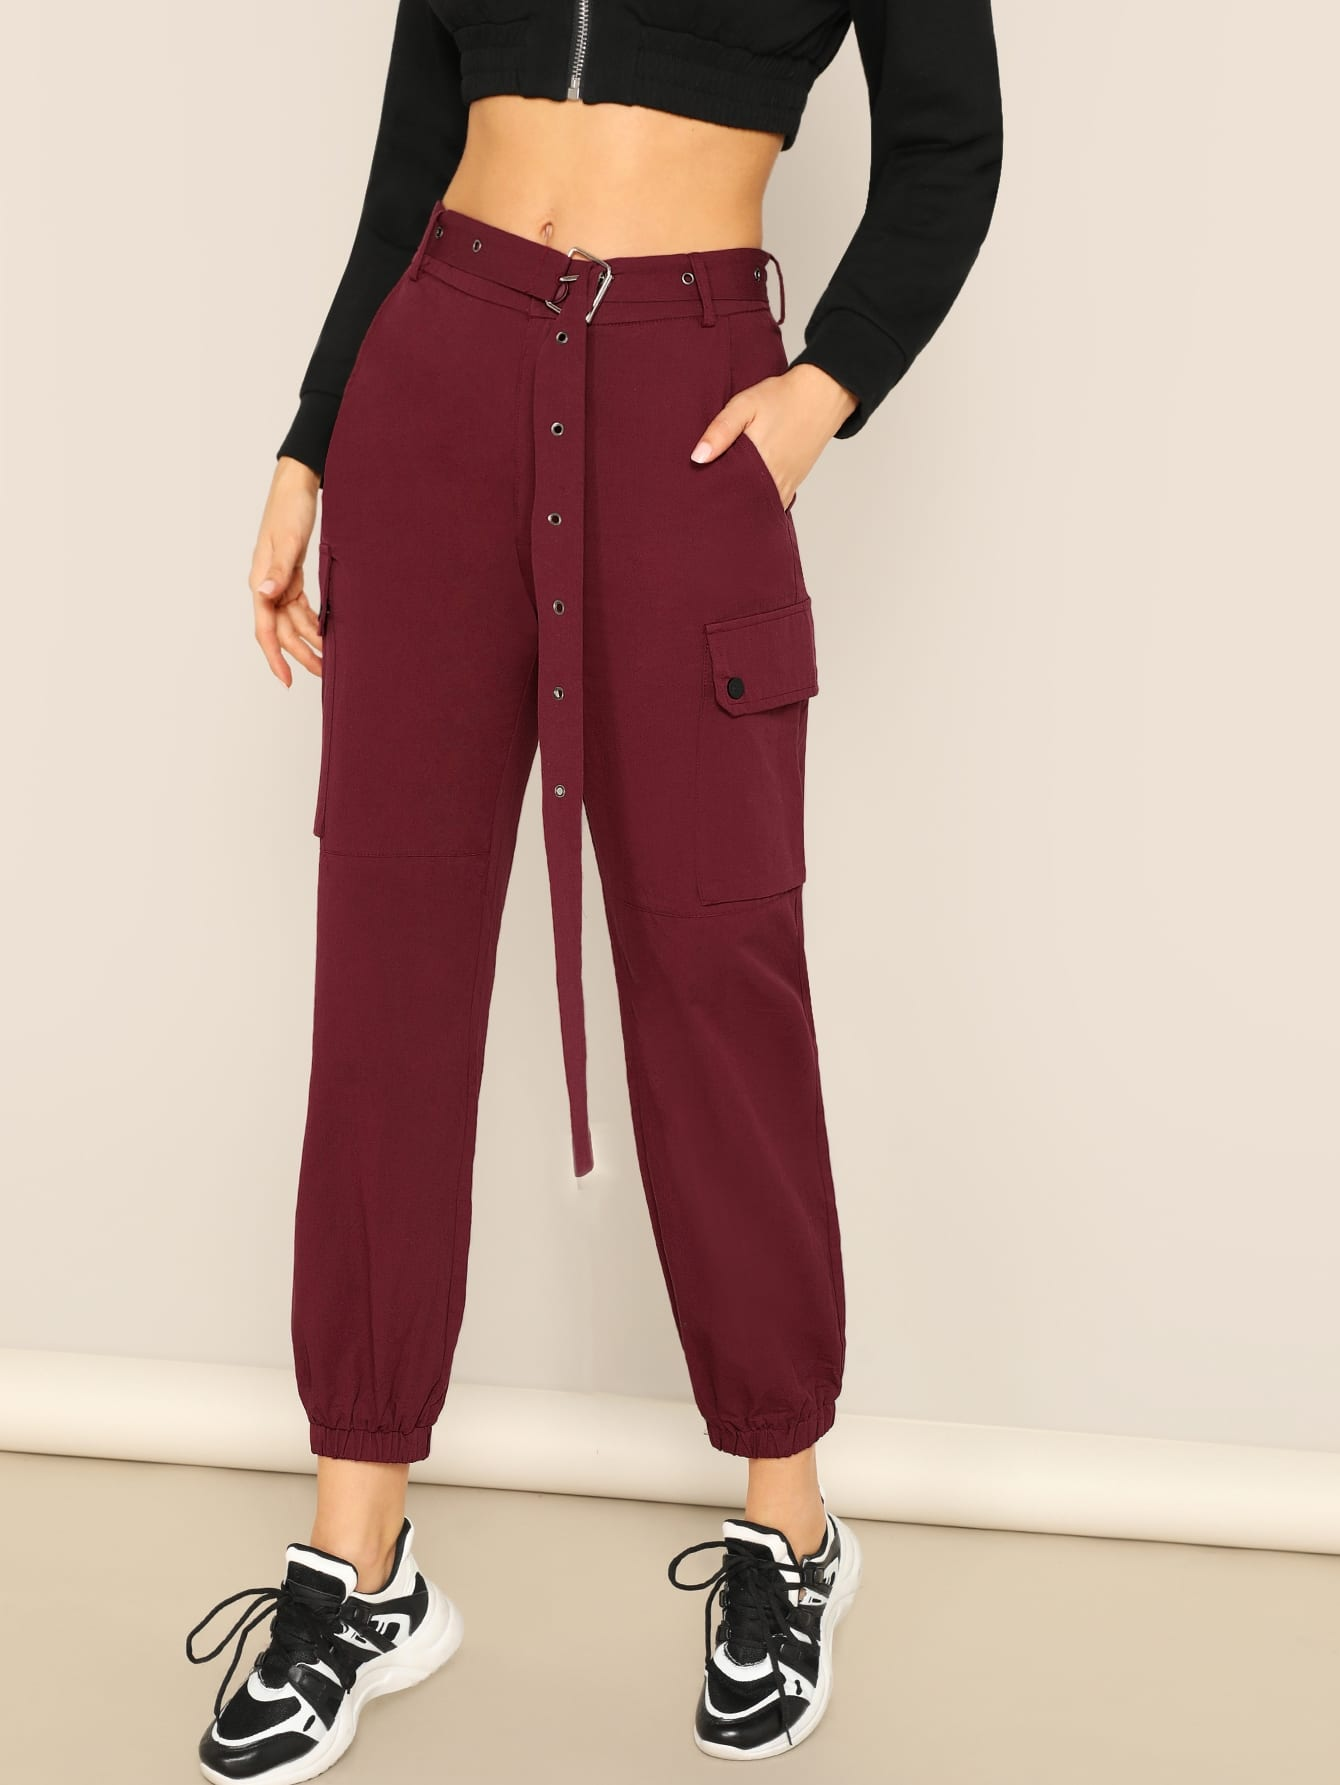 Купить Укороченные брюки с регулируемым поясом и карманом, Christen Harper, SheIn